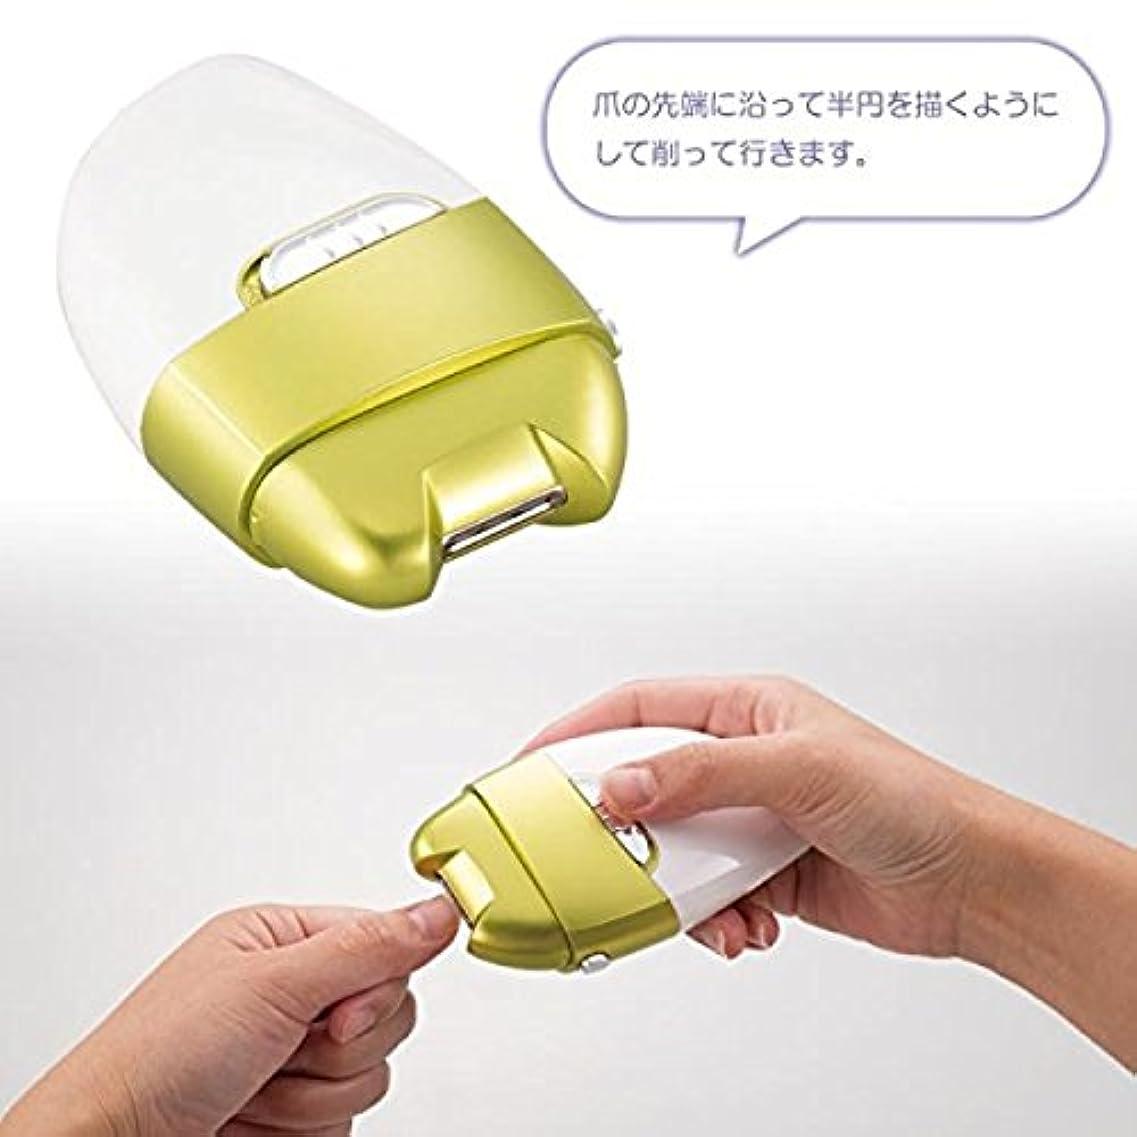 撤回する雷雨スワップ電動爪削り Leaf dS-1651428